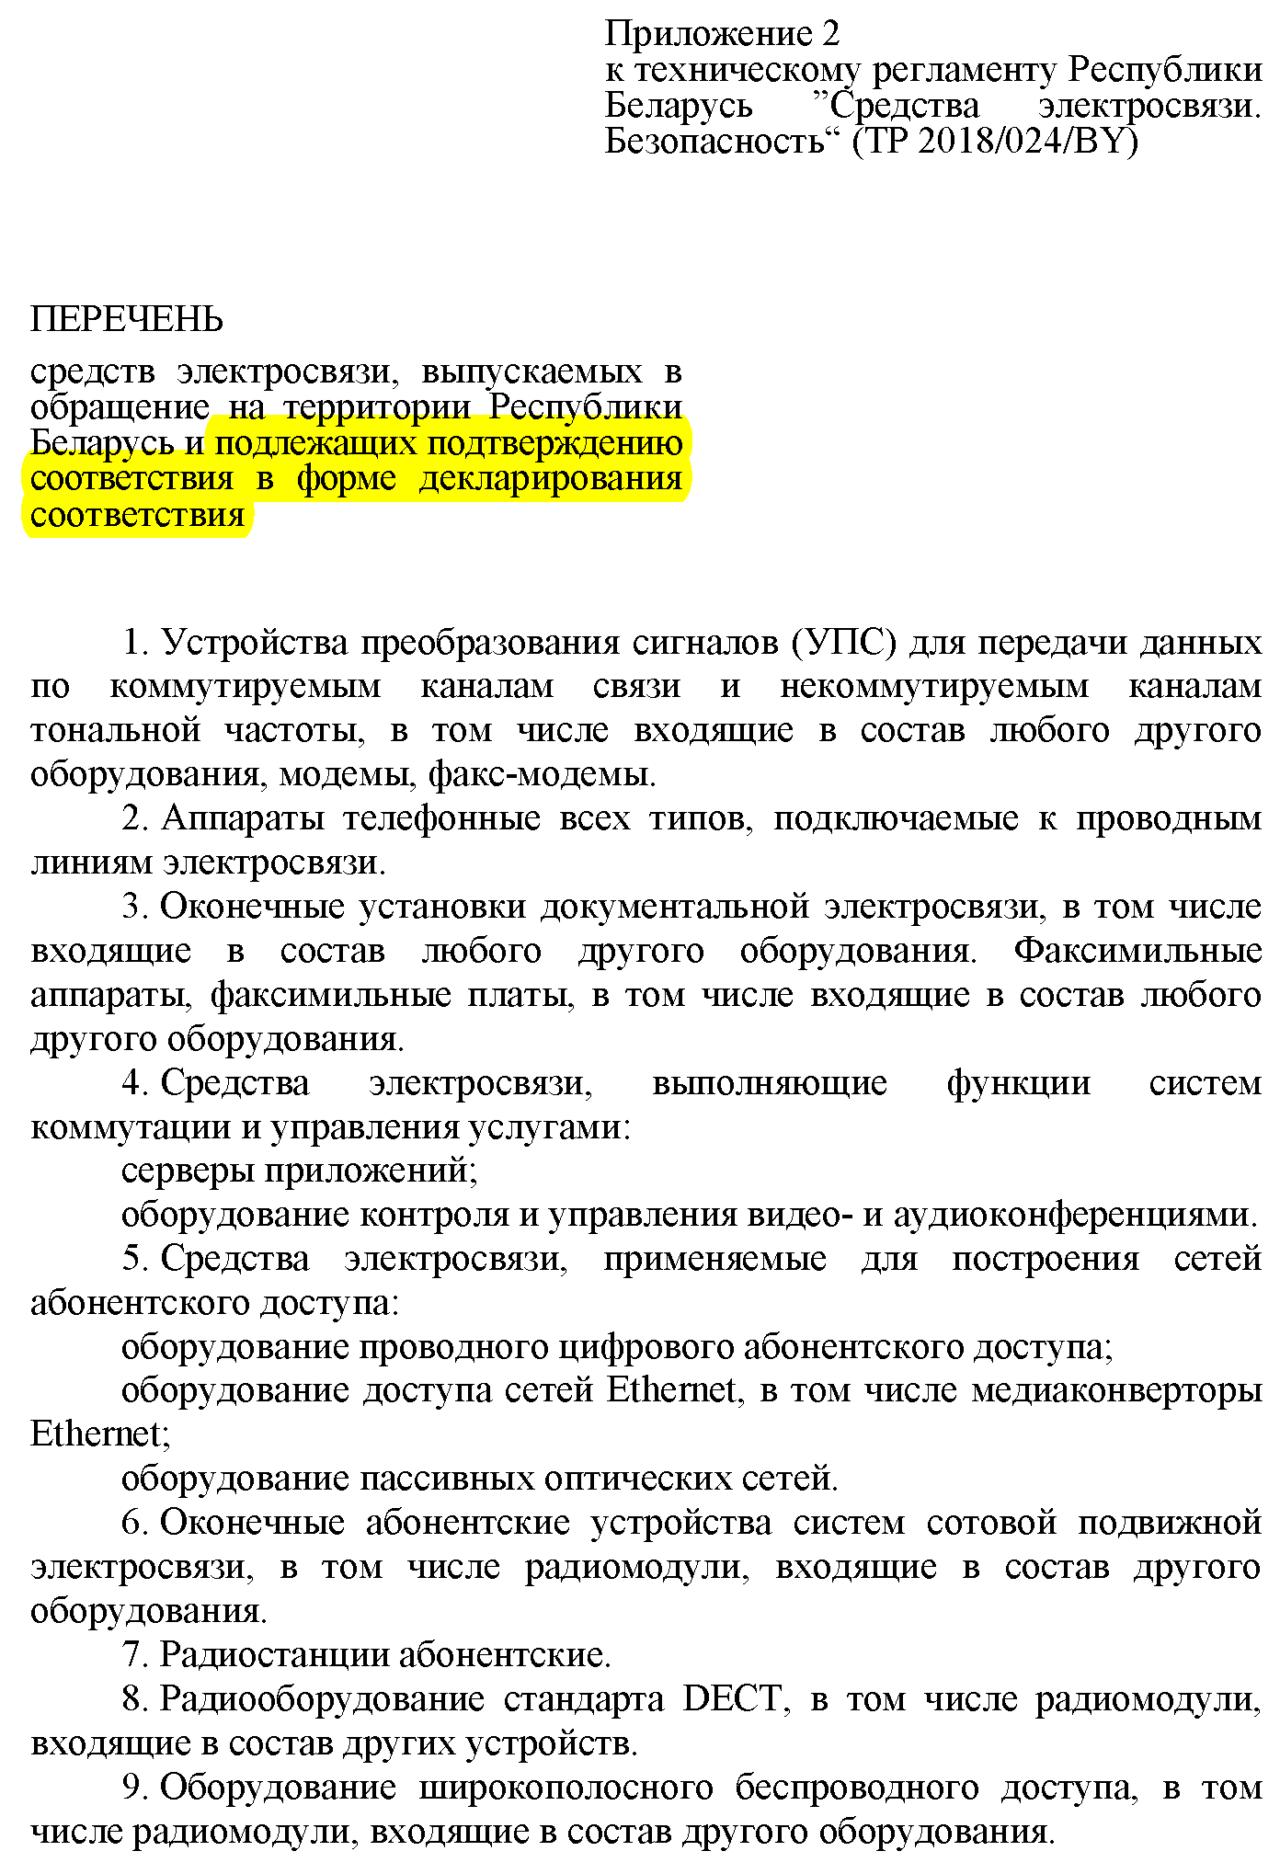 Перечень средств электросвязи подлежащих подтверждению соответствия в форме декларирования соответствия